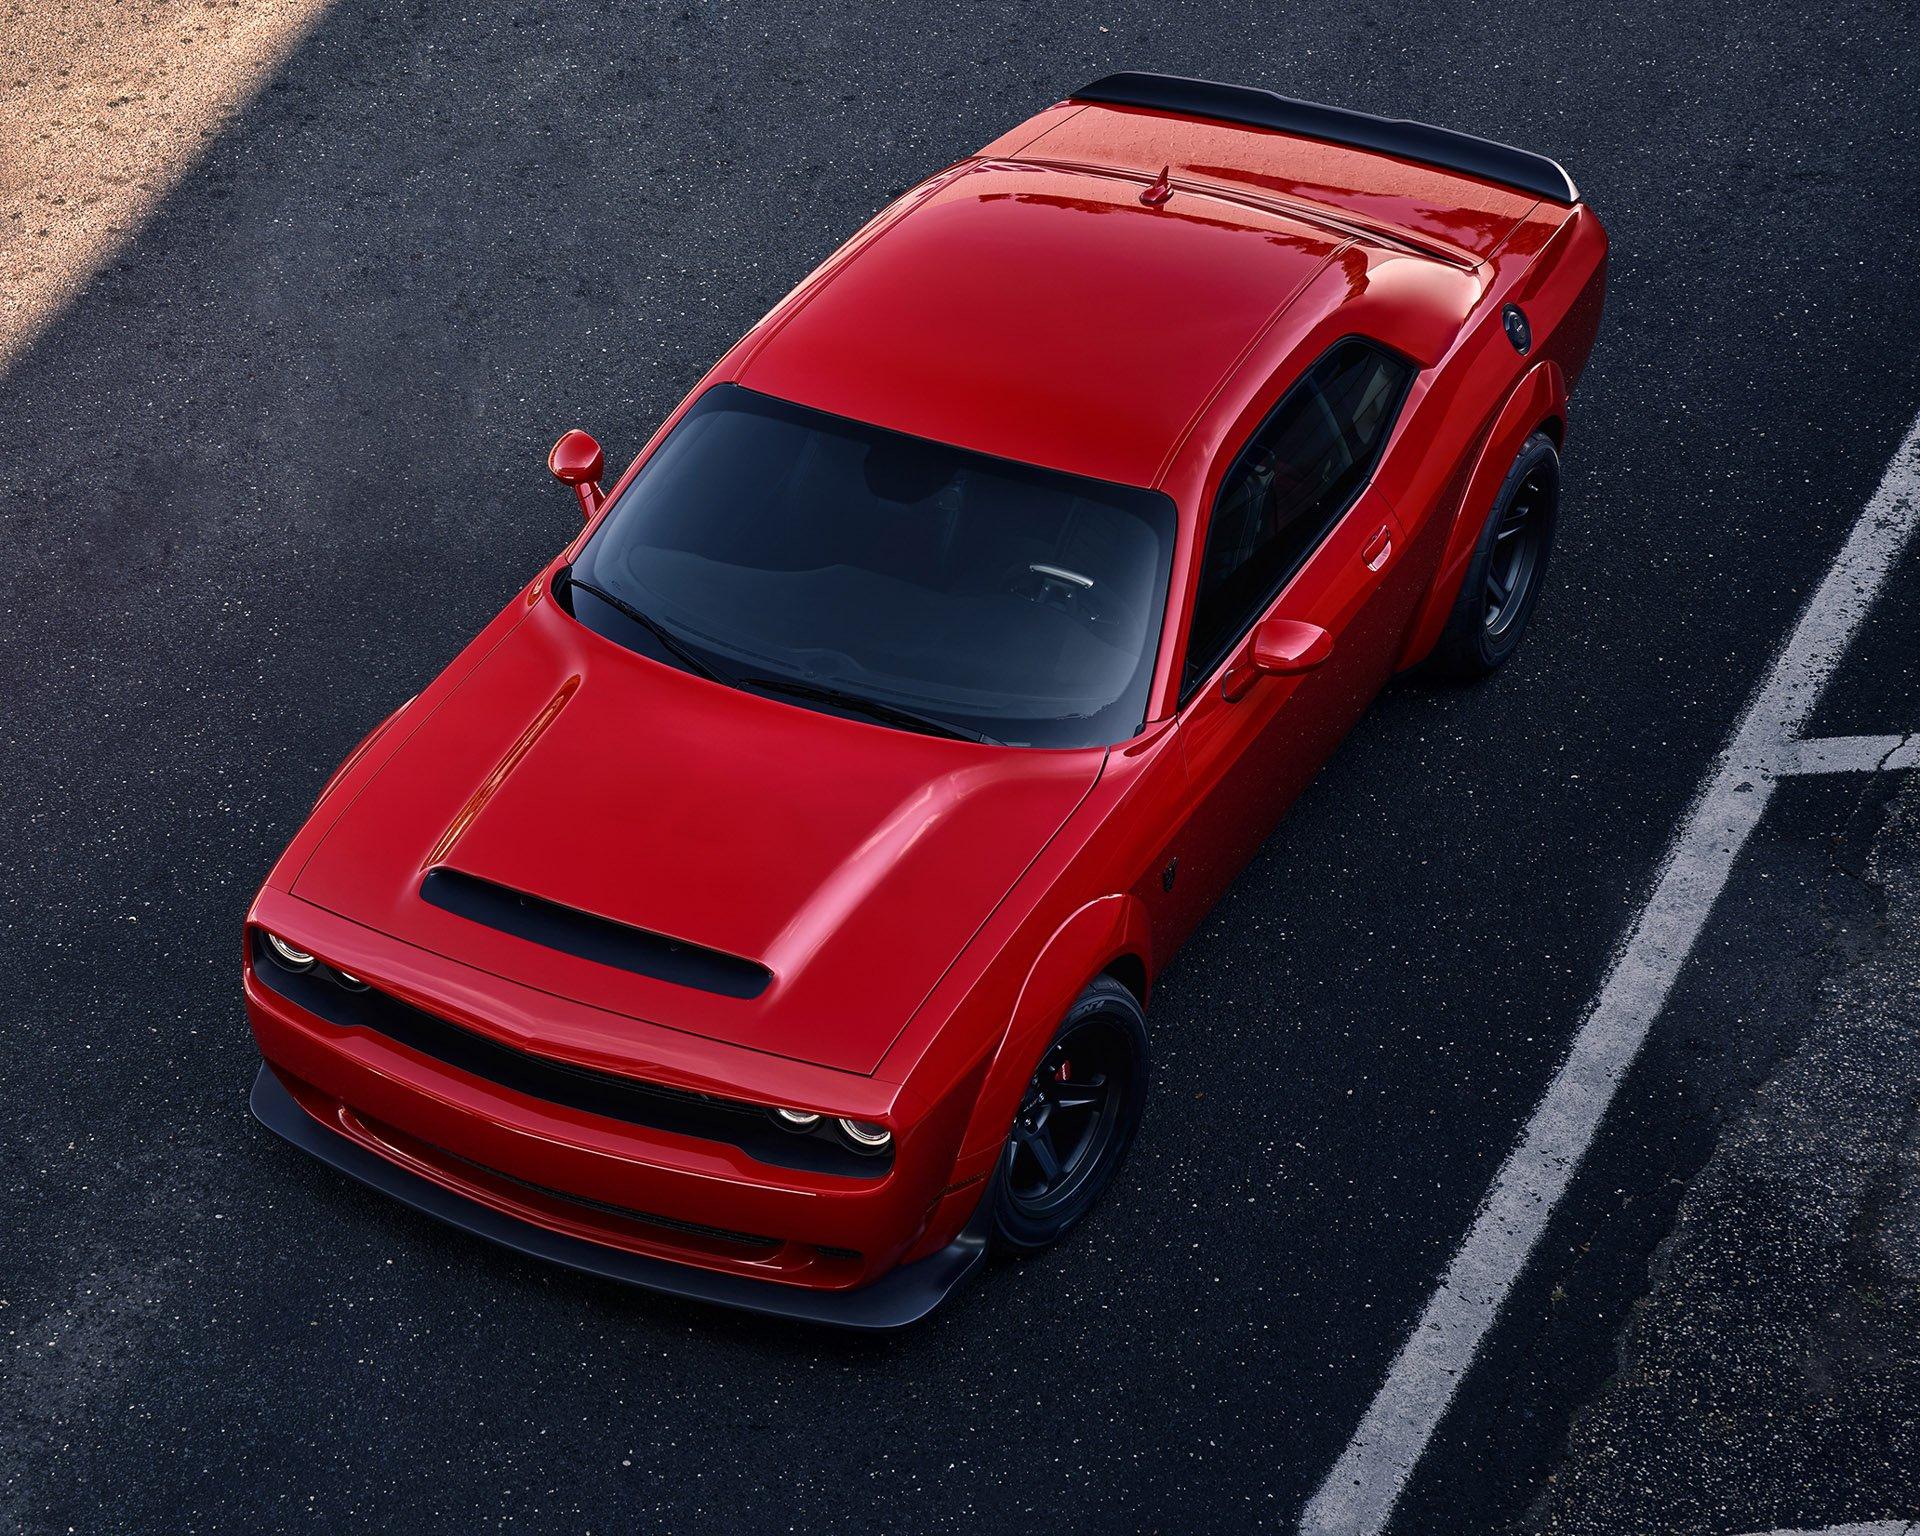 2018 Dodge Challenger SRT Demon Is a Horsepower Monster - 95 Octane